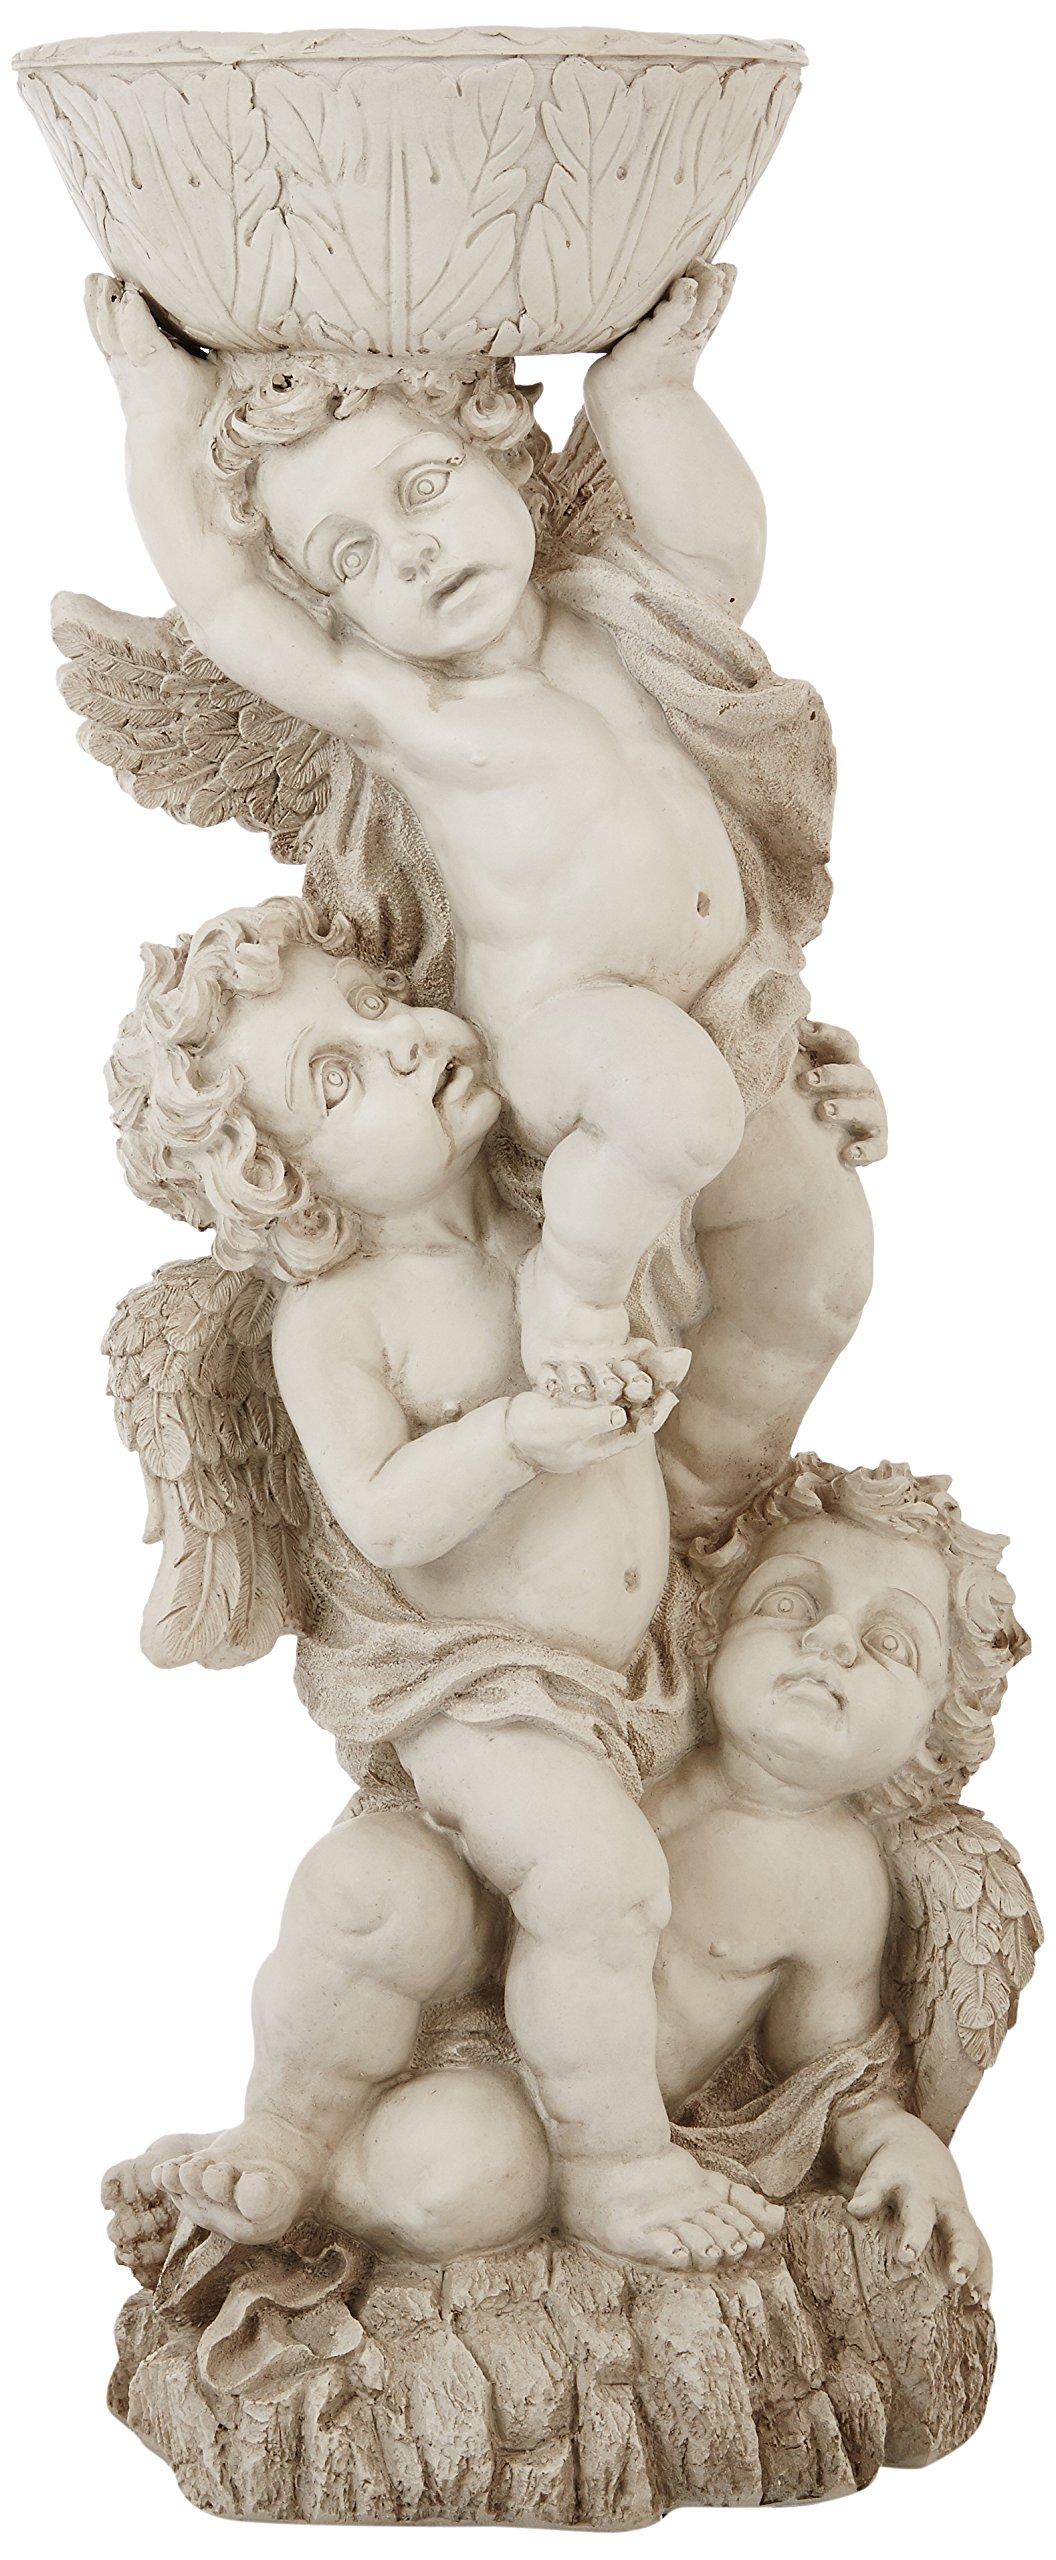 Design Toscano Three Cherubs with Urn Statue